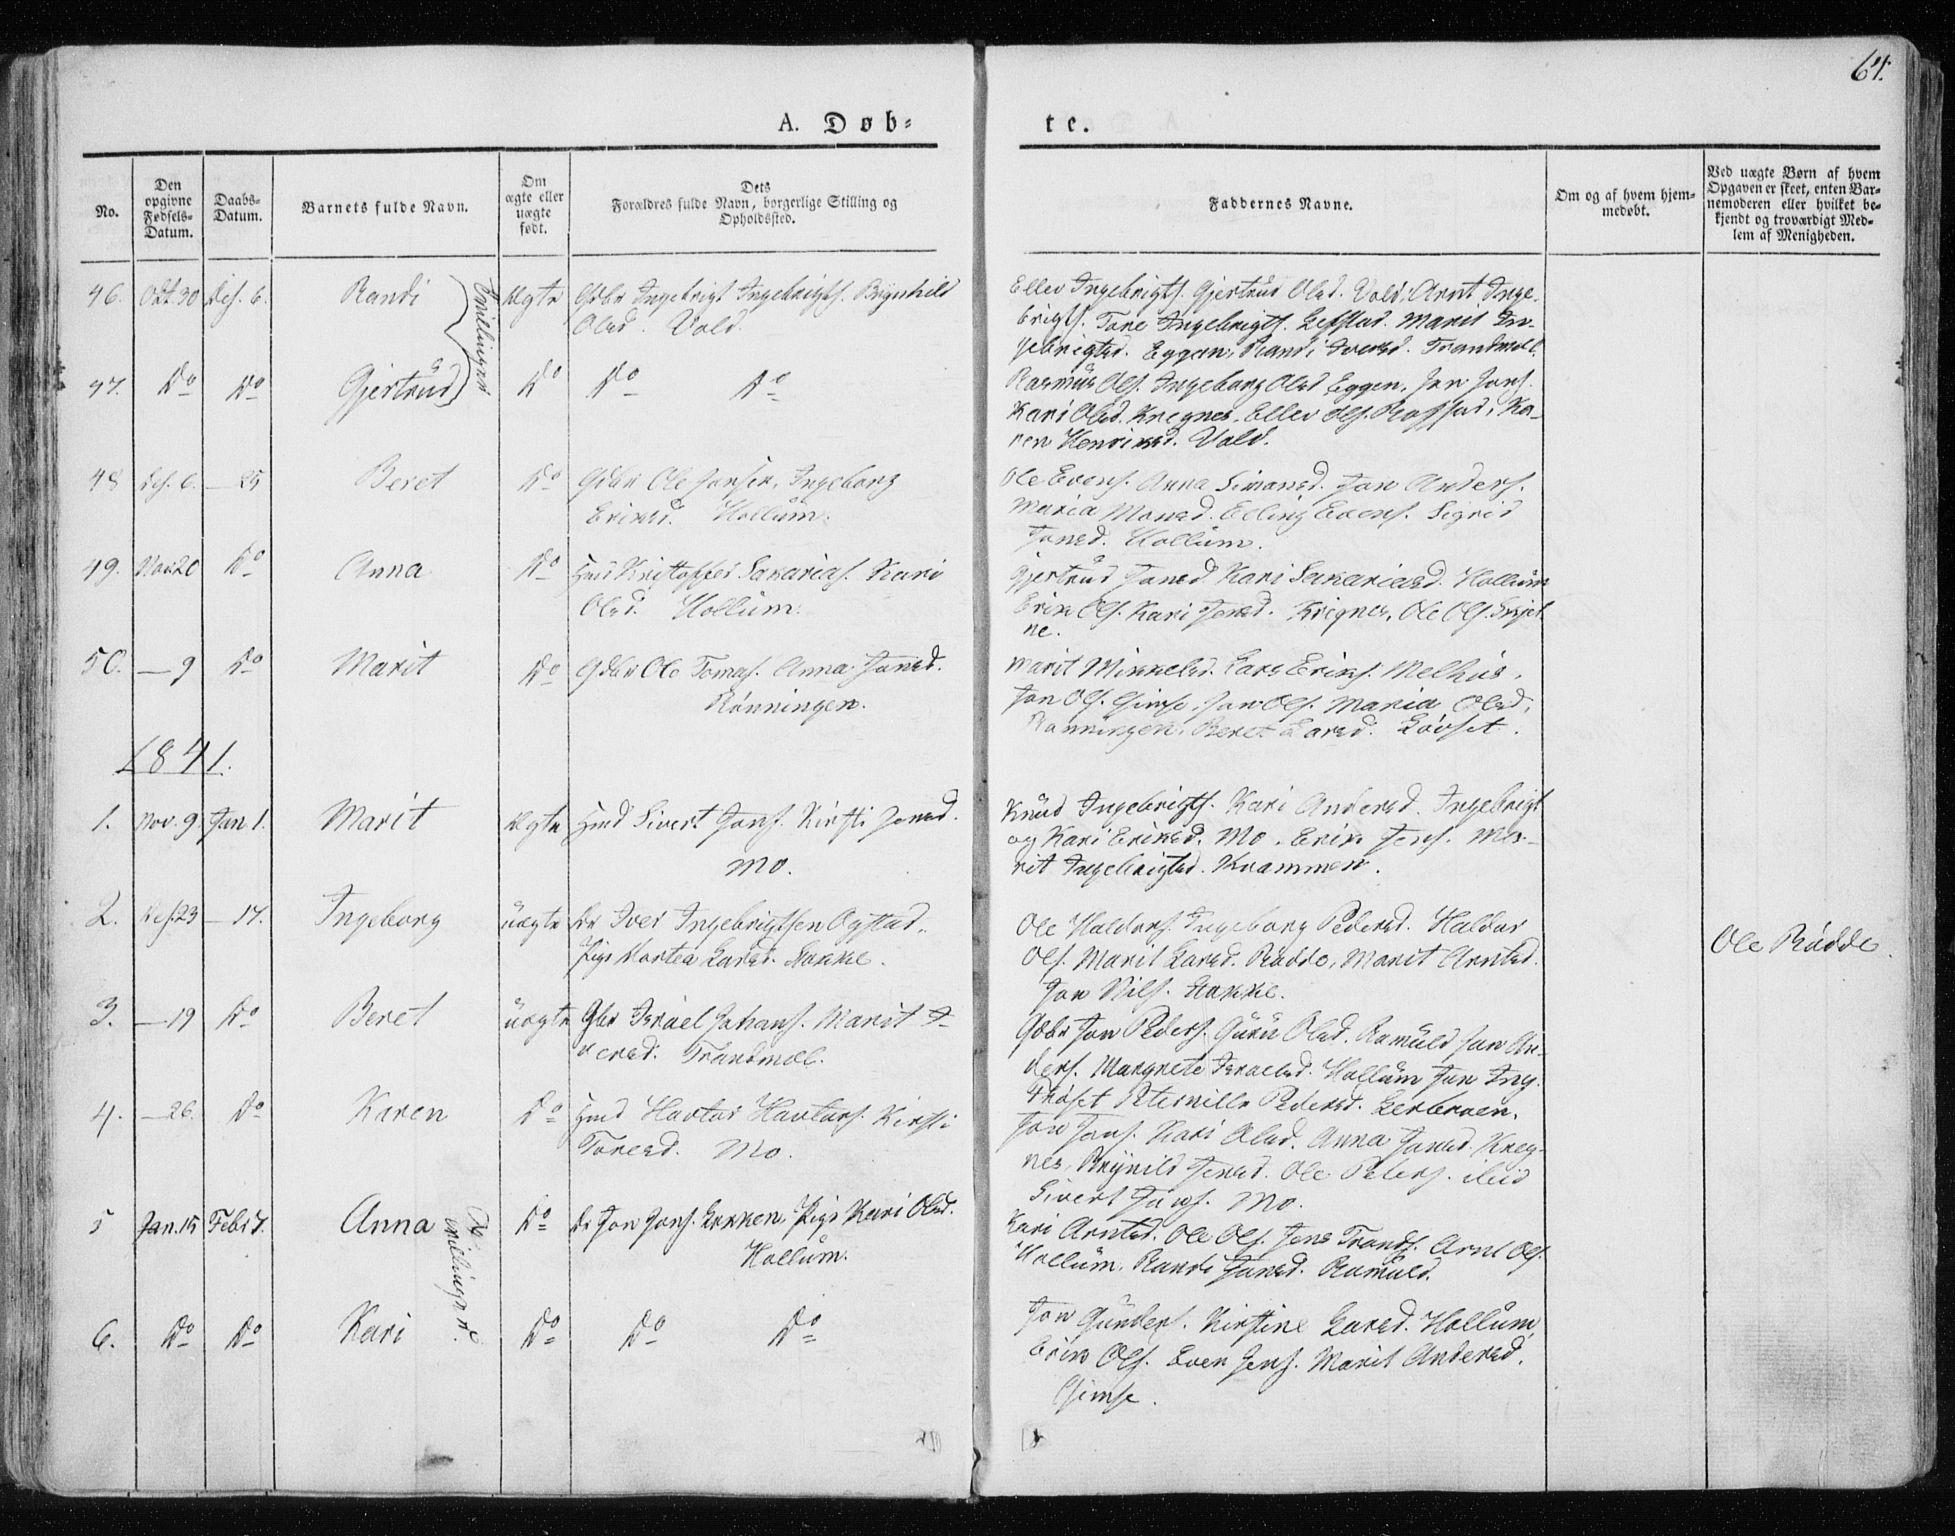 SAT, Ministerialprotokoller, klokkerbøker og fødselsregistre - Sør-Trøndelag, 691/L1069: Ministerialbok nr. 691A04, 1826-1841, s. 64